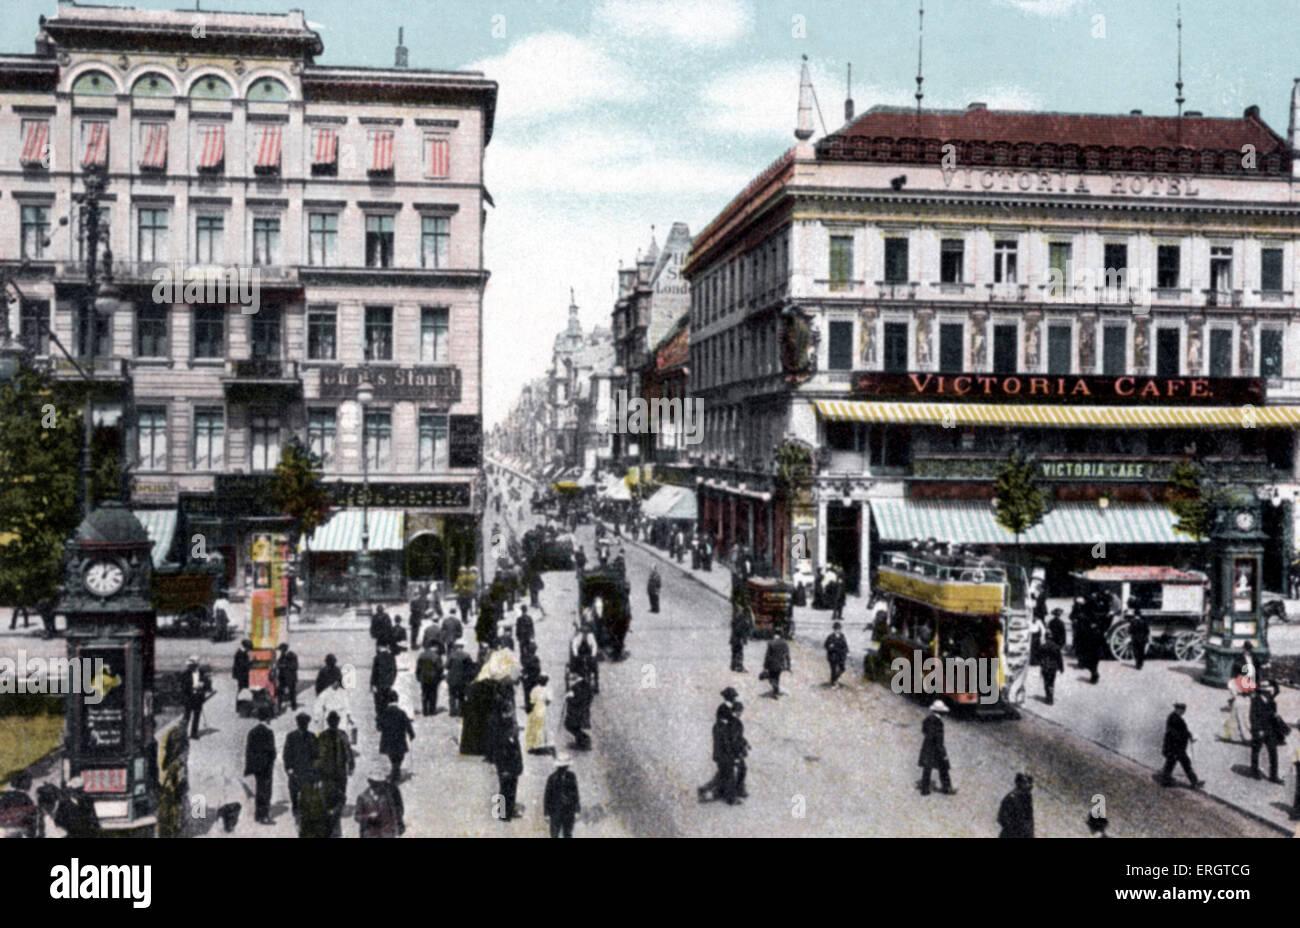 Berlin au tournant du 20e siècle. Unter den Linden, la Friedrichstrasse. Photographie de trams et calèches. Photo Stock